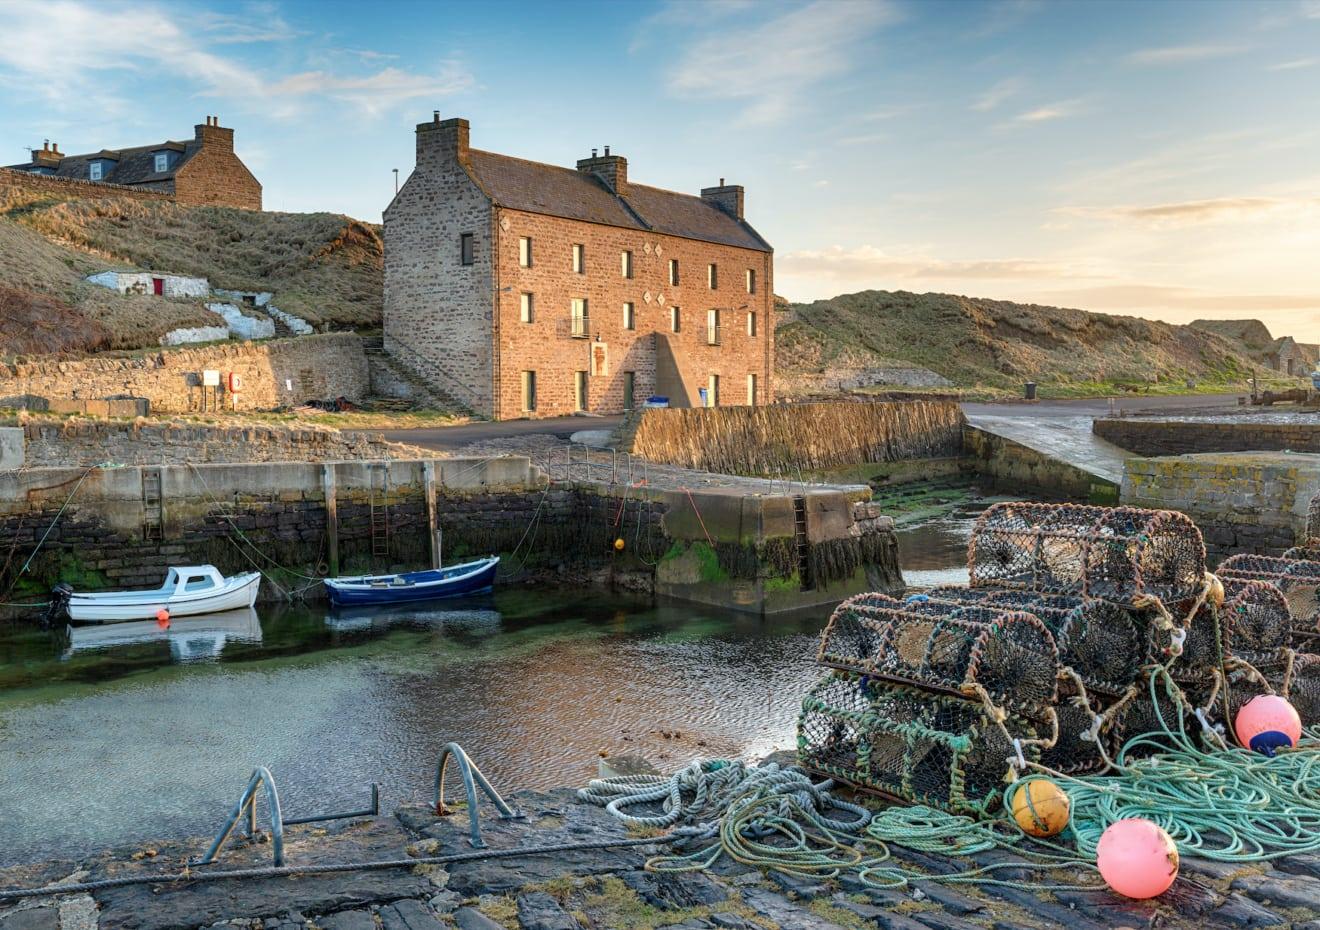 Keiss Harbour - Hafen in Schottland aus der Serie The Crown